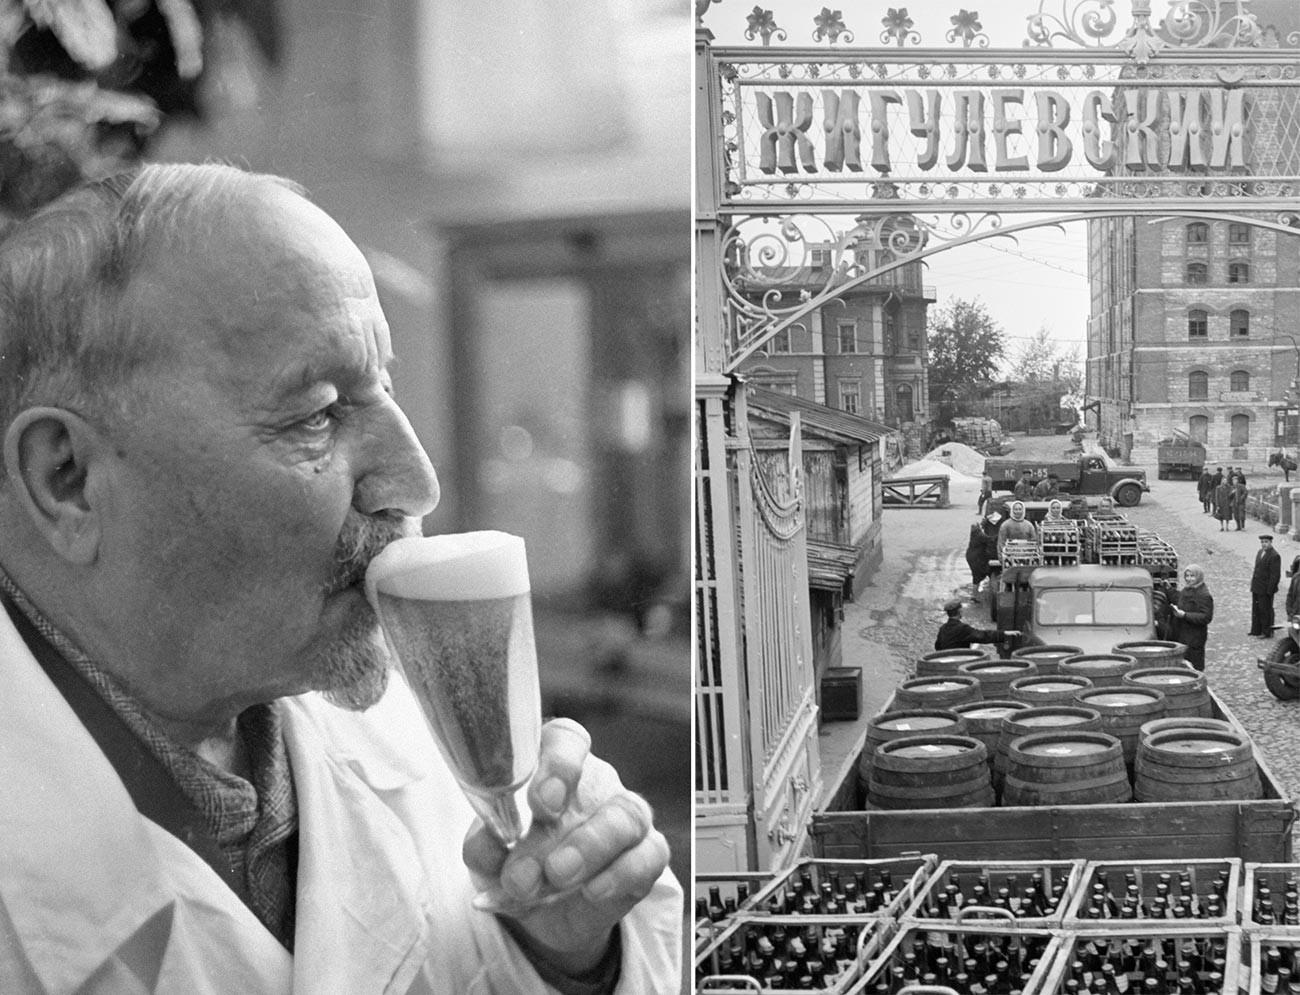 ビール「ジグリョフスコエ」の試飲